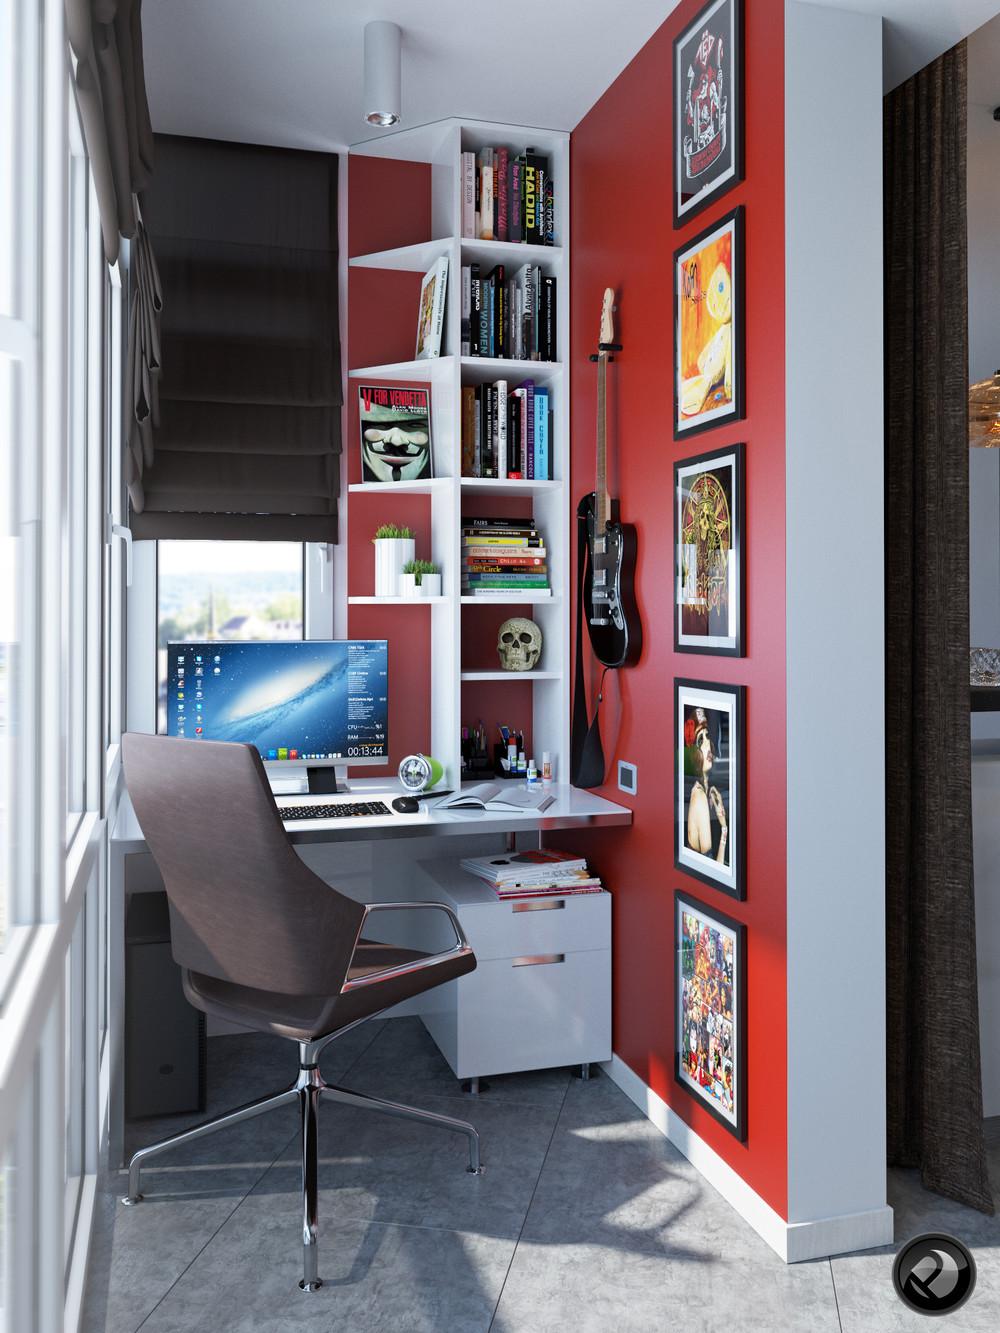 Интерьер маленькой квартиры в светлых тонах - кабинет